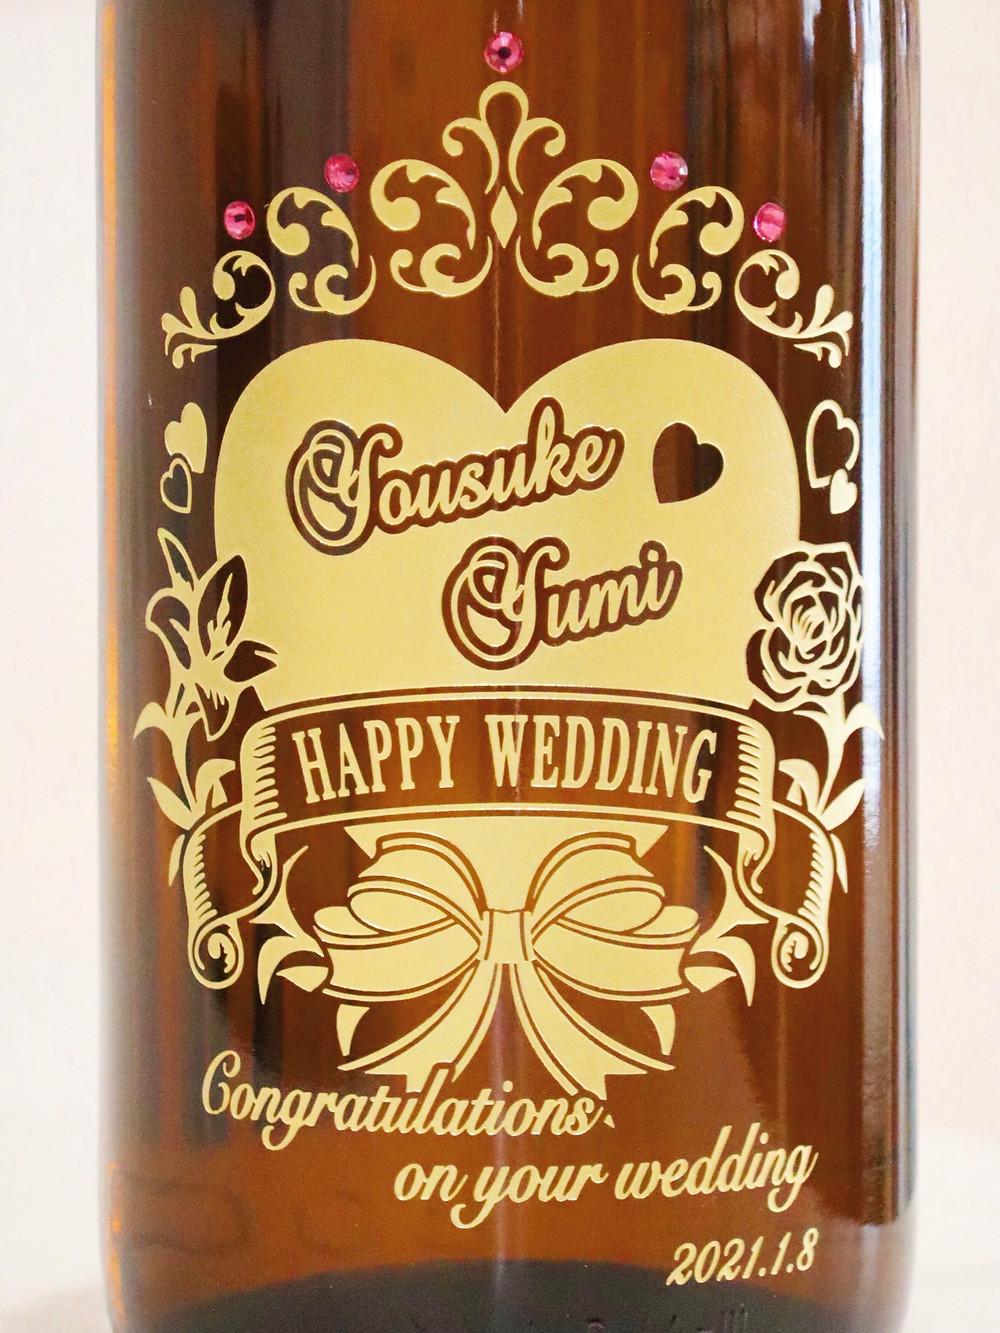 結婚記念 名入れ泡盛 宮古島 沖縄 かわいい 人気 おすすめ 通販 琉球ガラス やちむん